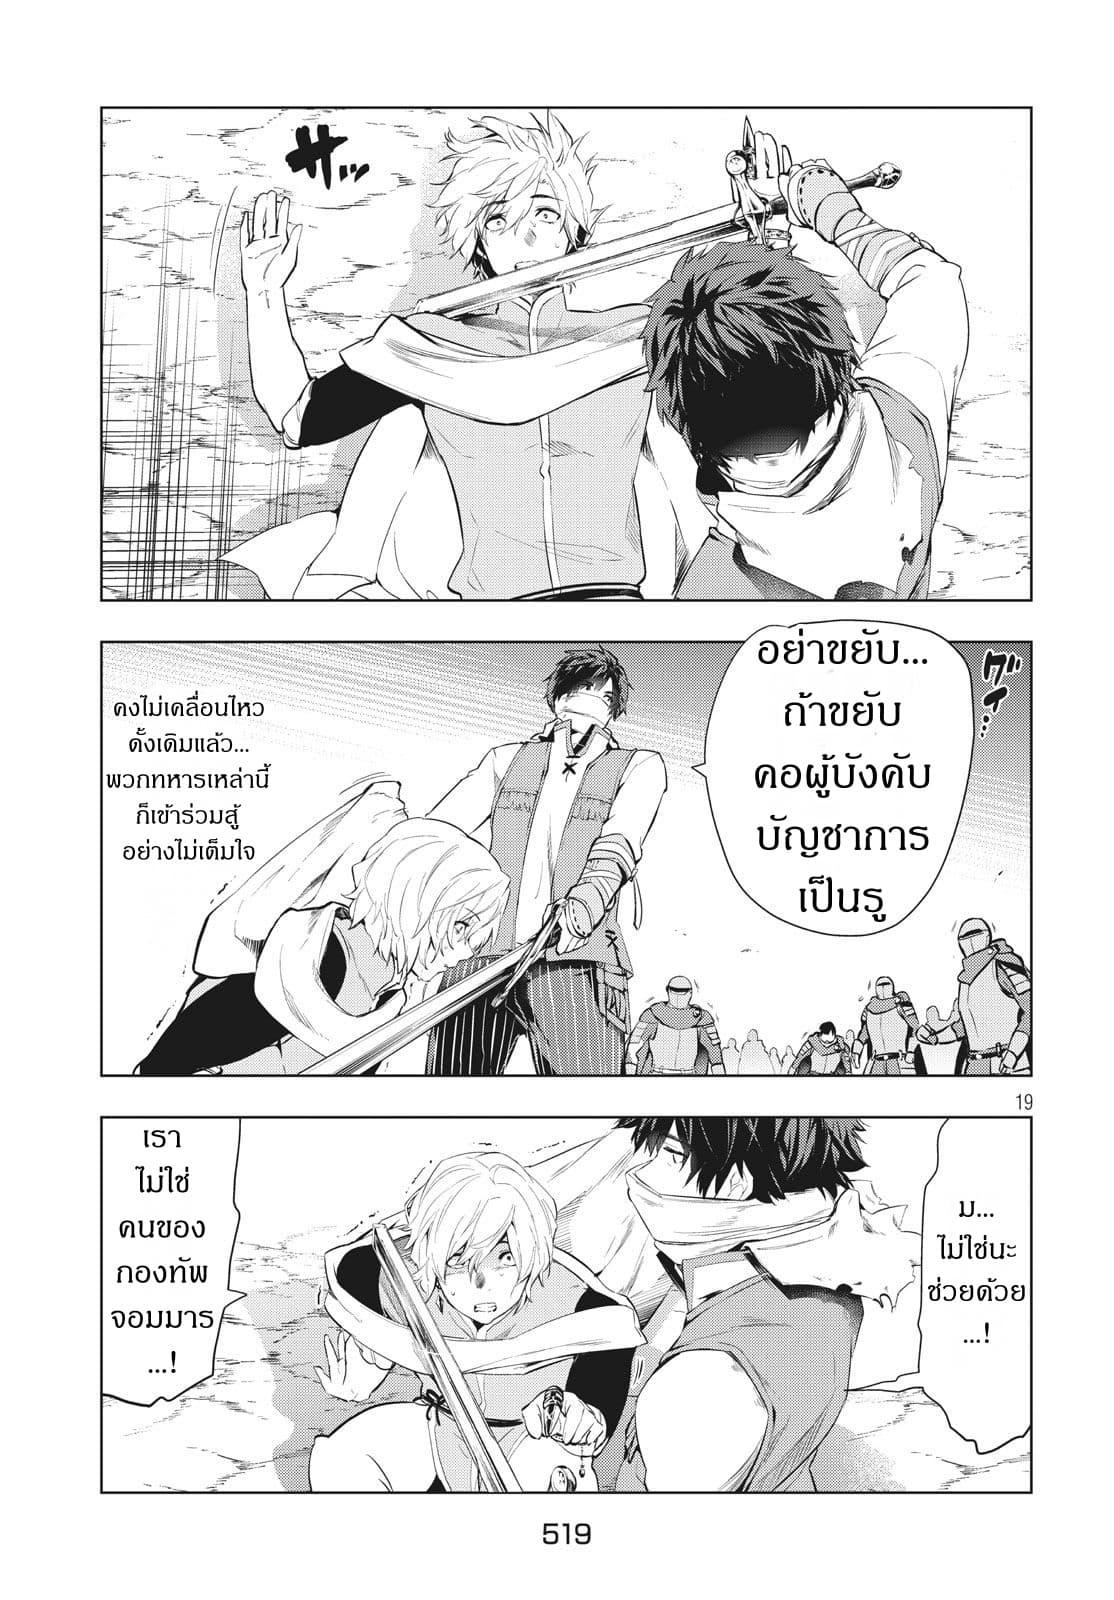 อ่านการ์ตูน Kaiko sareta Ankoku Heishi (30-dai) no Slow na Second ตอนที่ 6.2 หน้าที่ 1